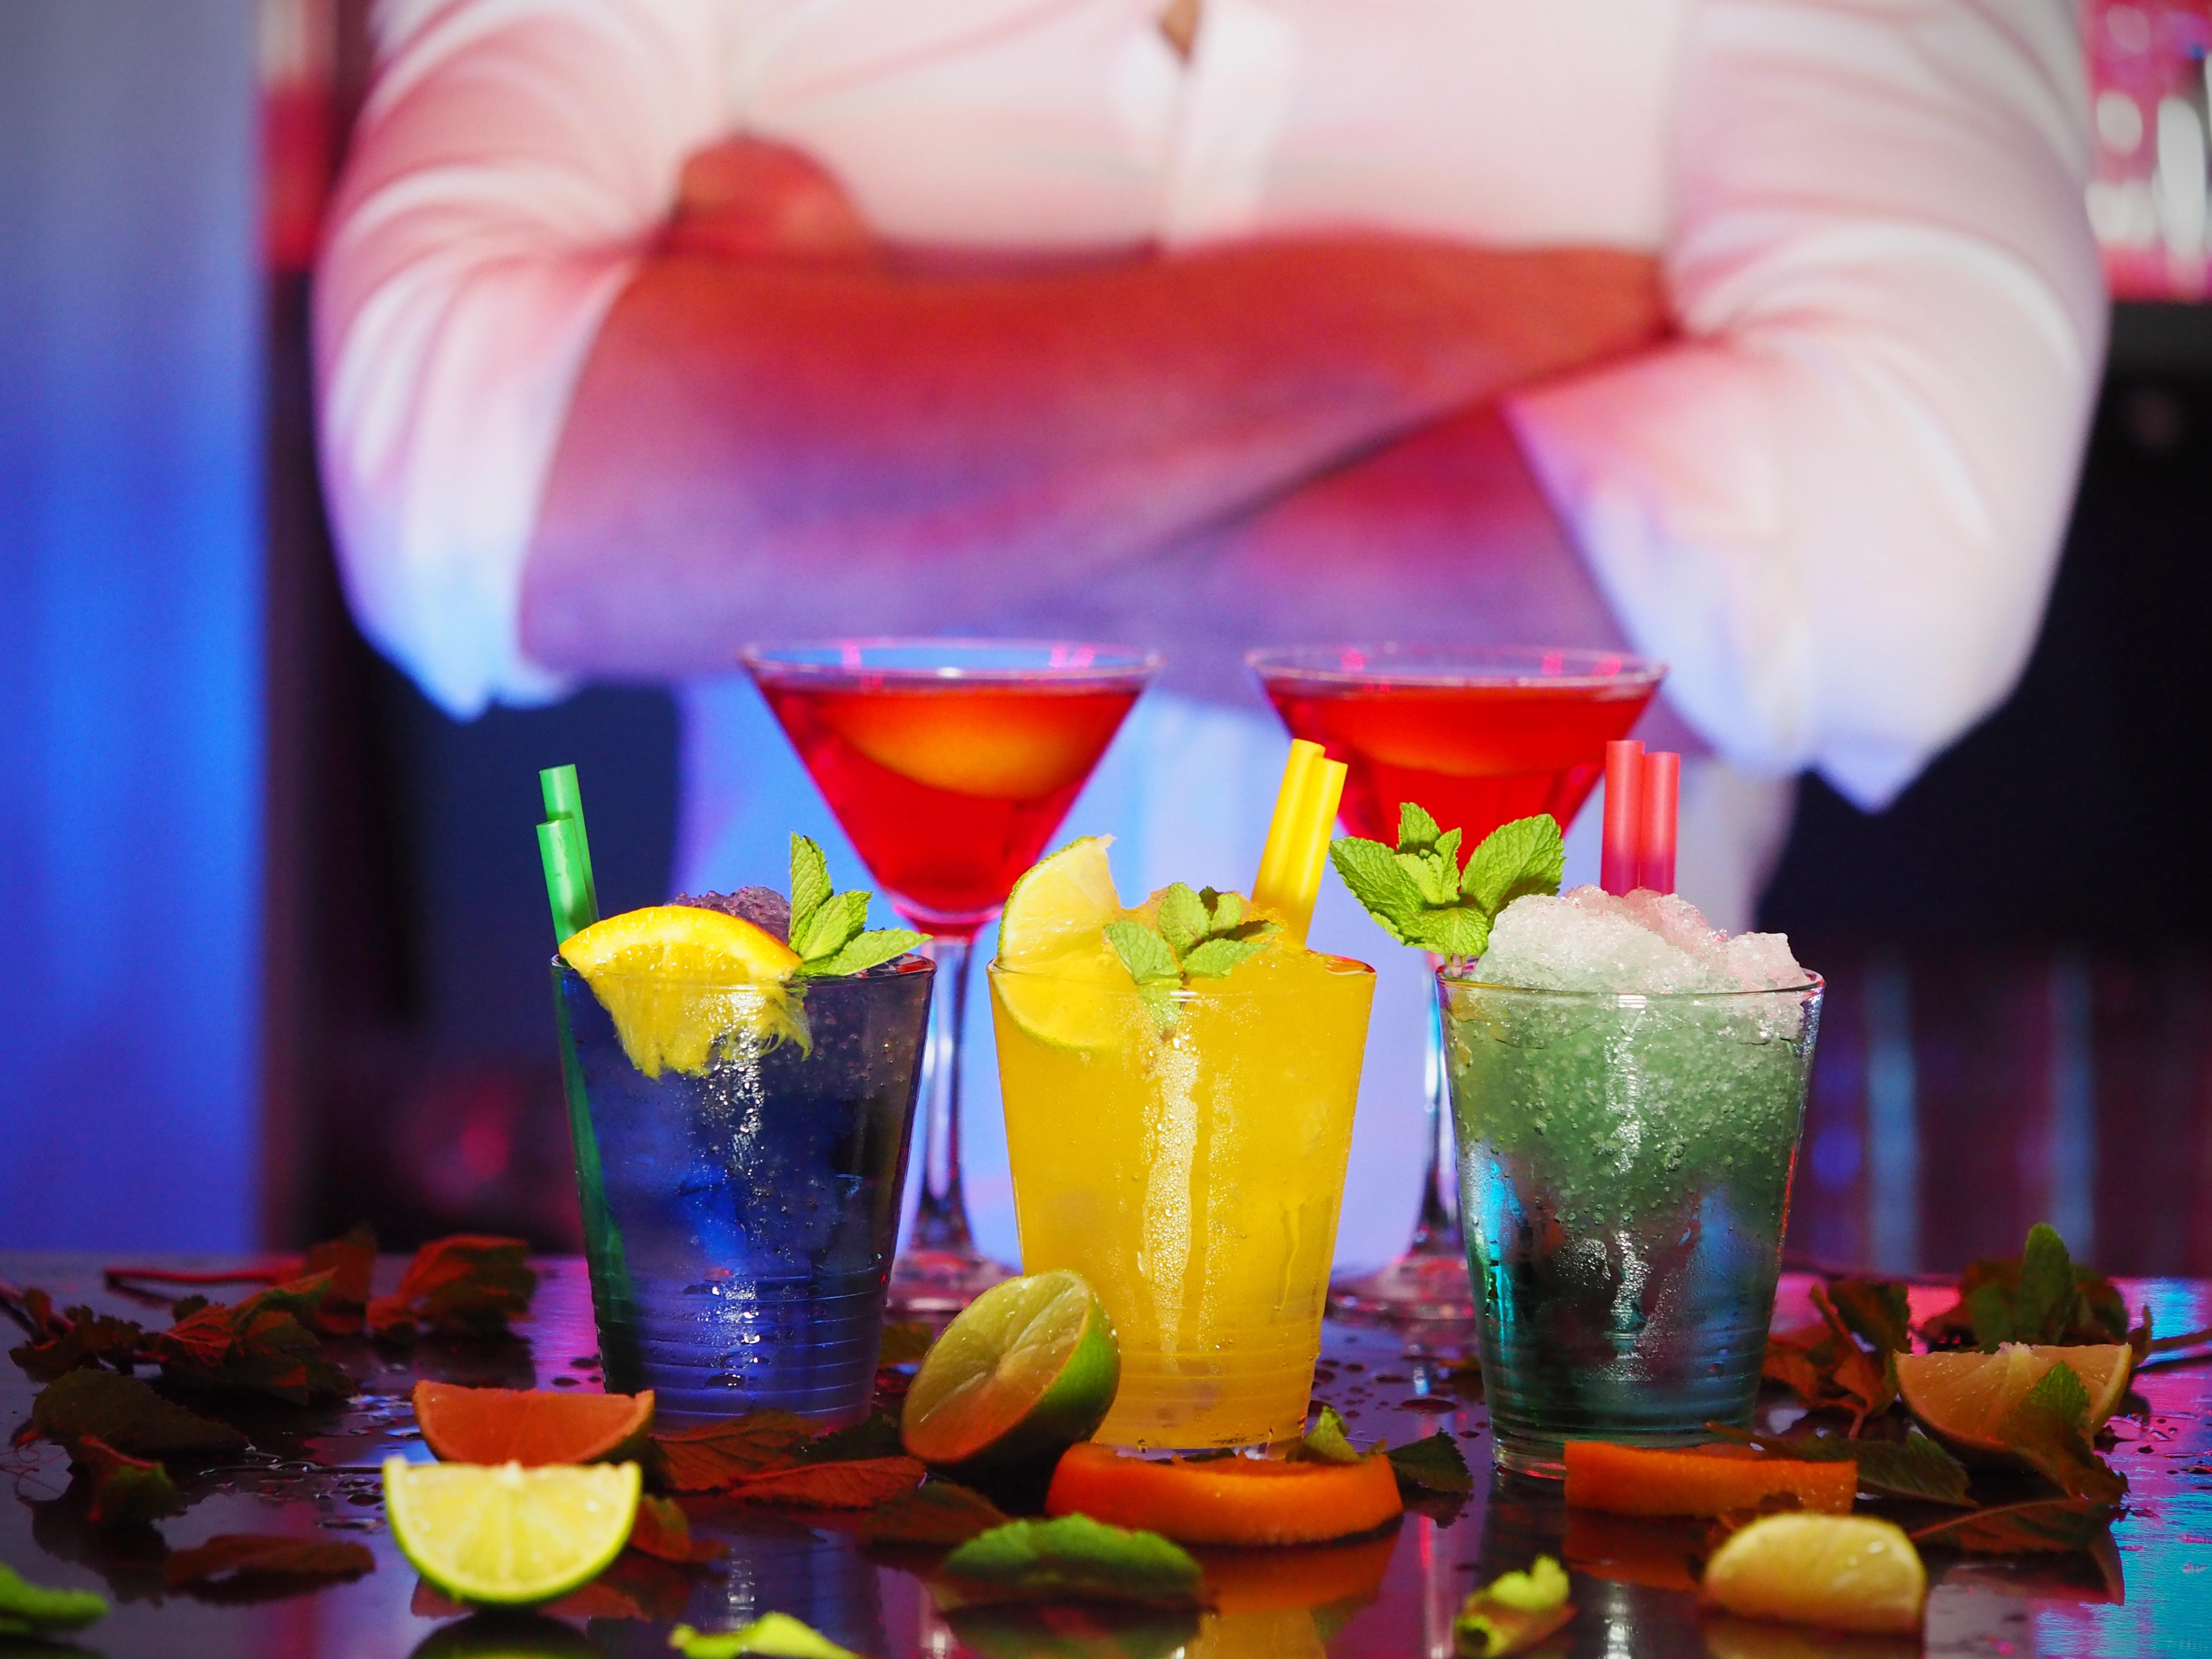 Прикольные картинки с коктейлями, днем рождения